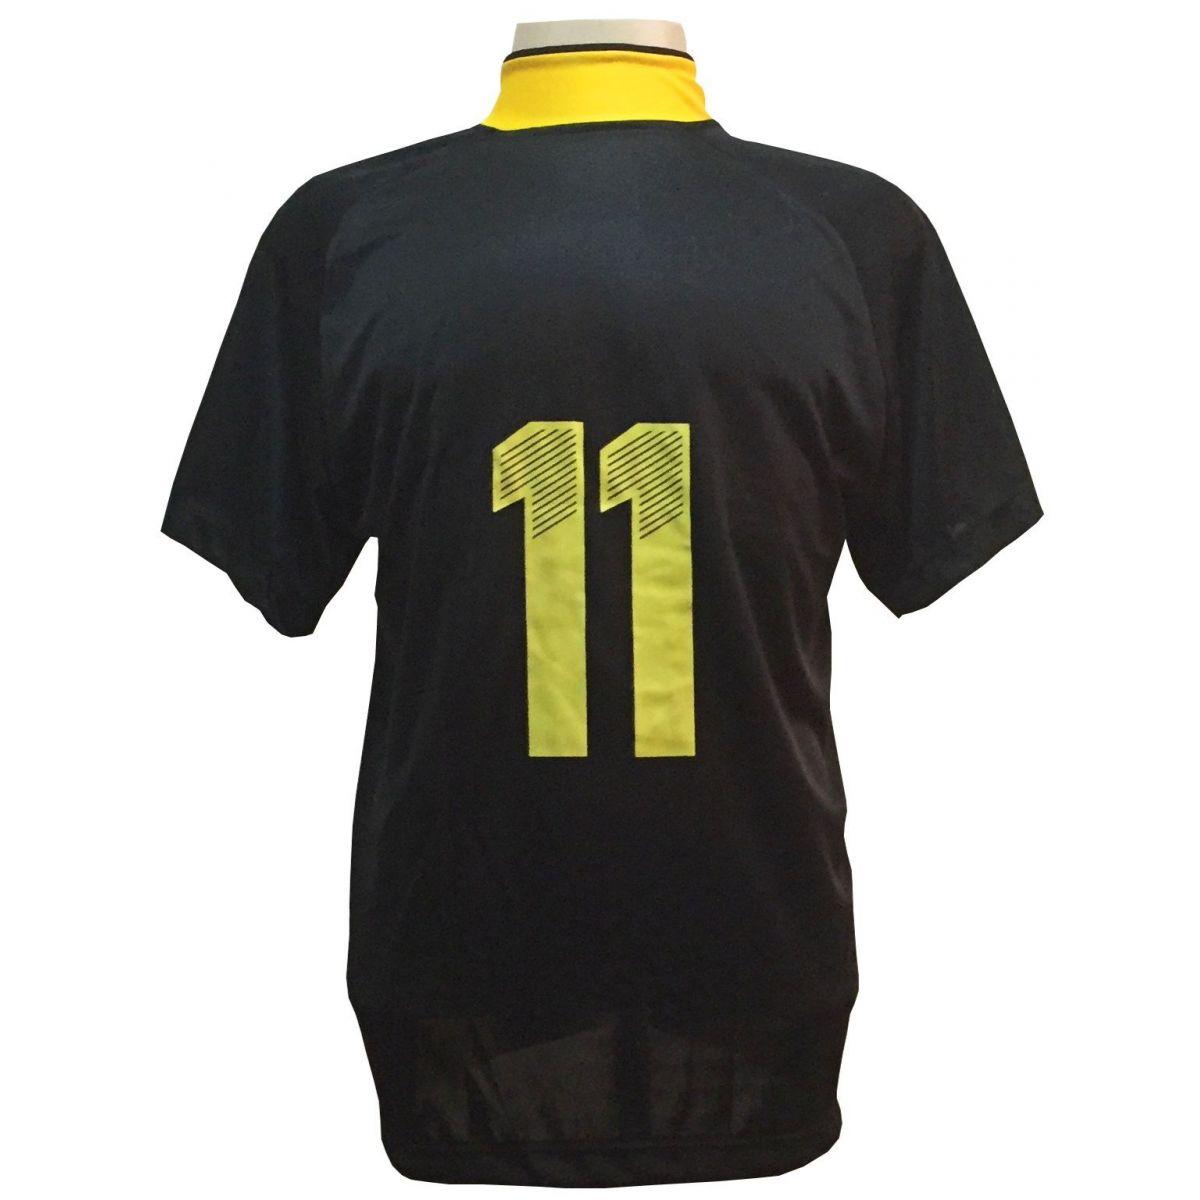 Uniforme Esportivo com 12 Camisas modelo Milan Preto/Amarelo + 12 Calções modelo Madrid Amarelo + 12 Pares de meiões Amarelo